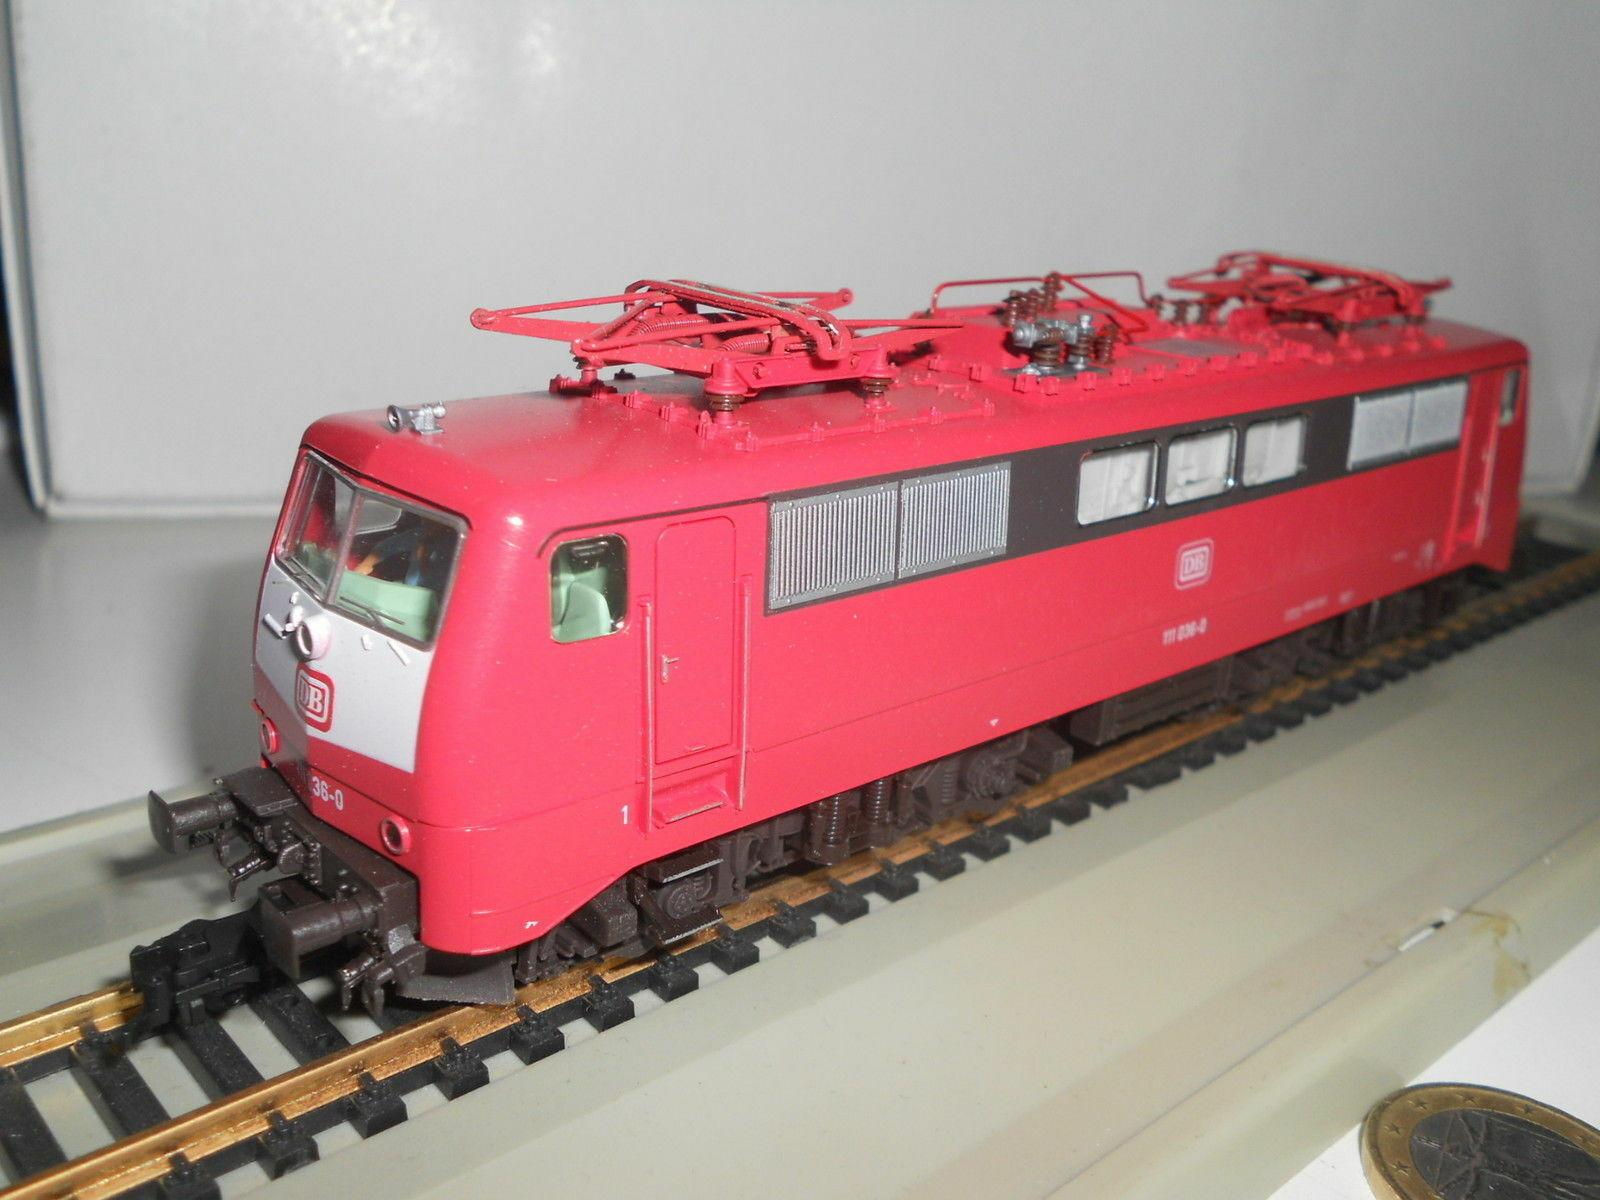 Fleischmann Beautiful Locomotive DB 111 036-0 h0 4347 905015 scale